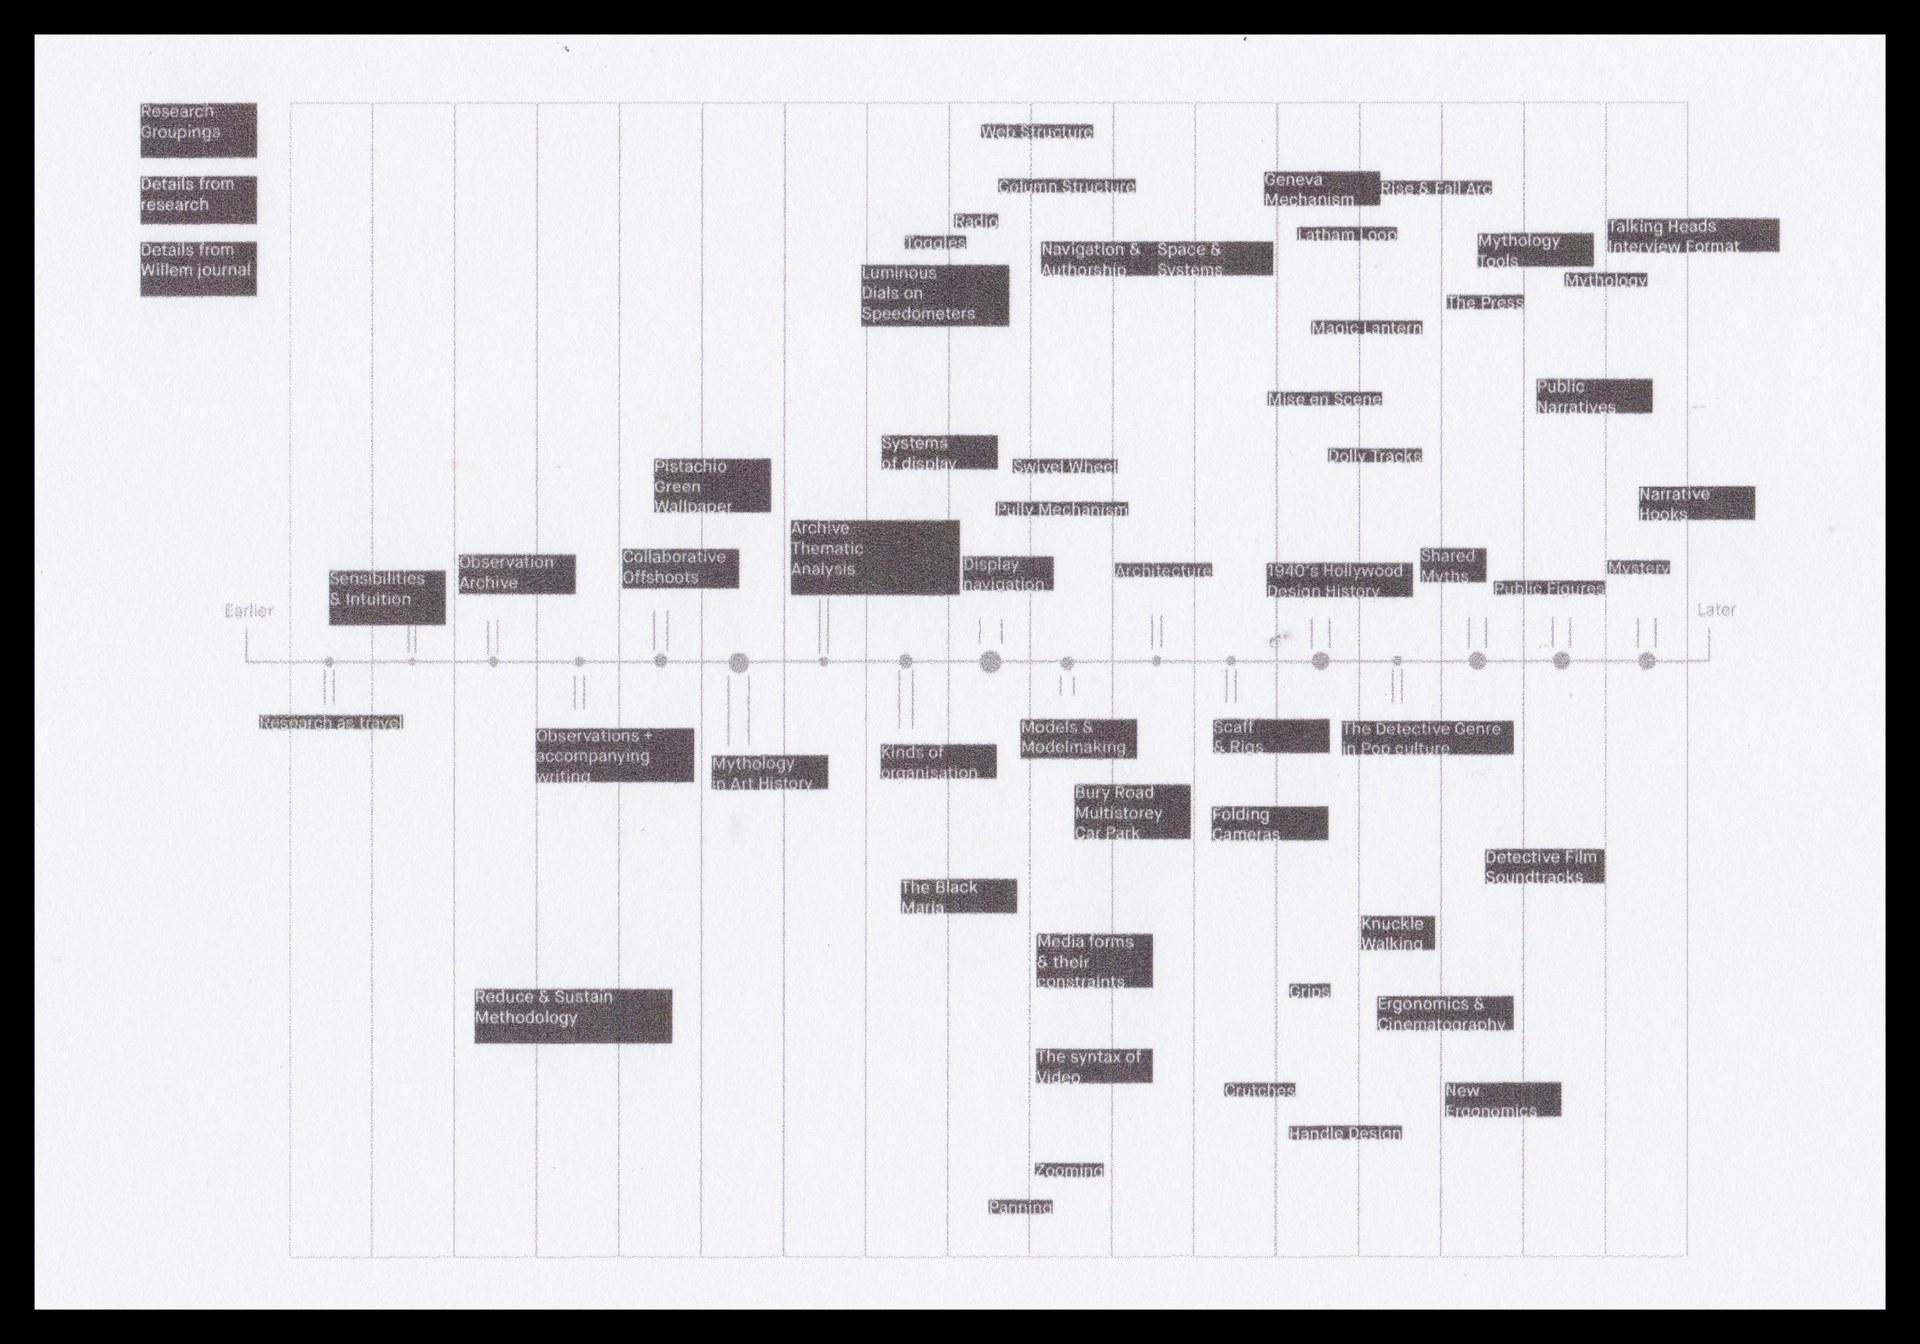 Hülpüsch Project Mapped to Timeline